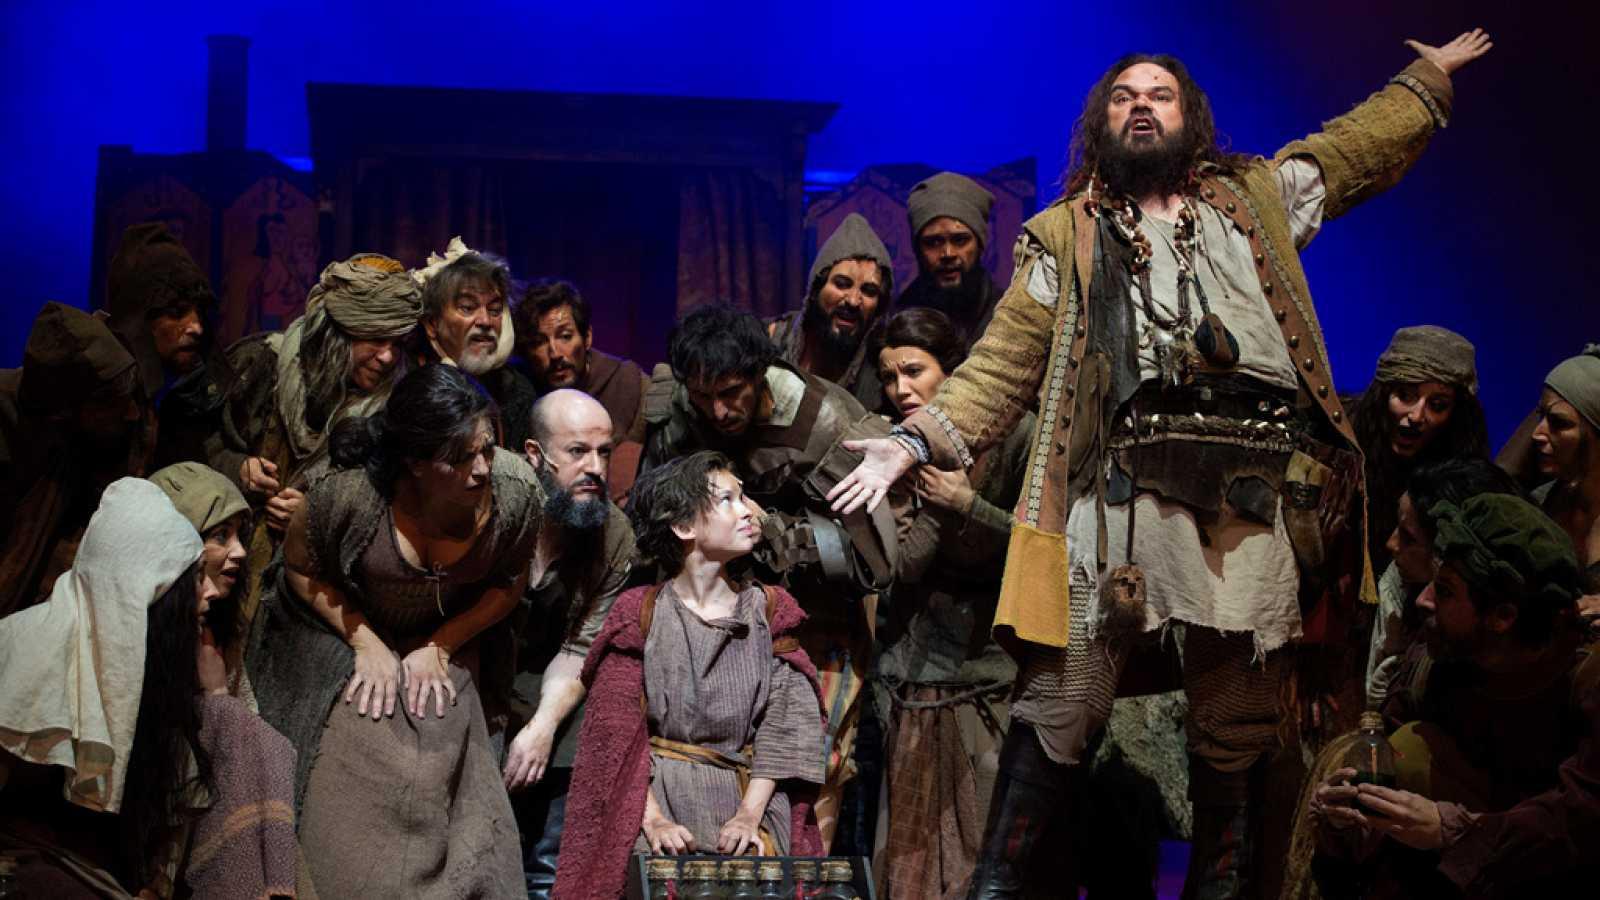 anastasia el medico premios teatro musical musicales